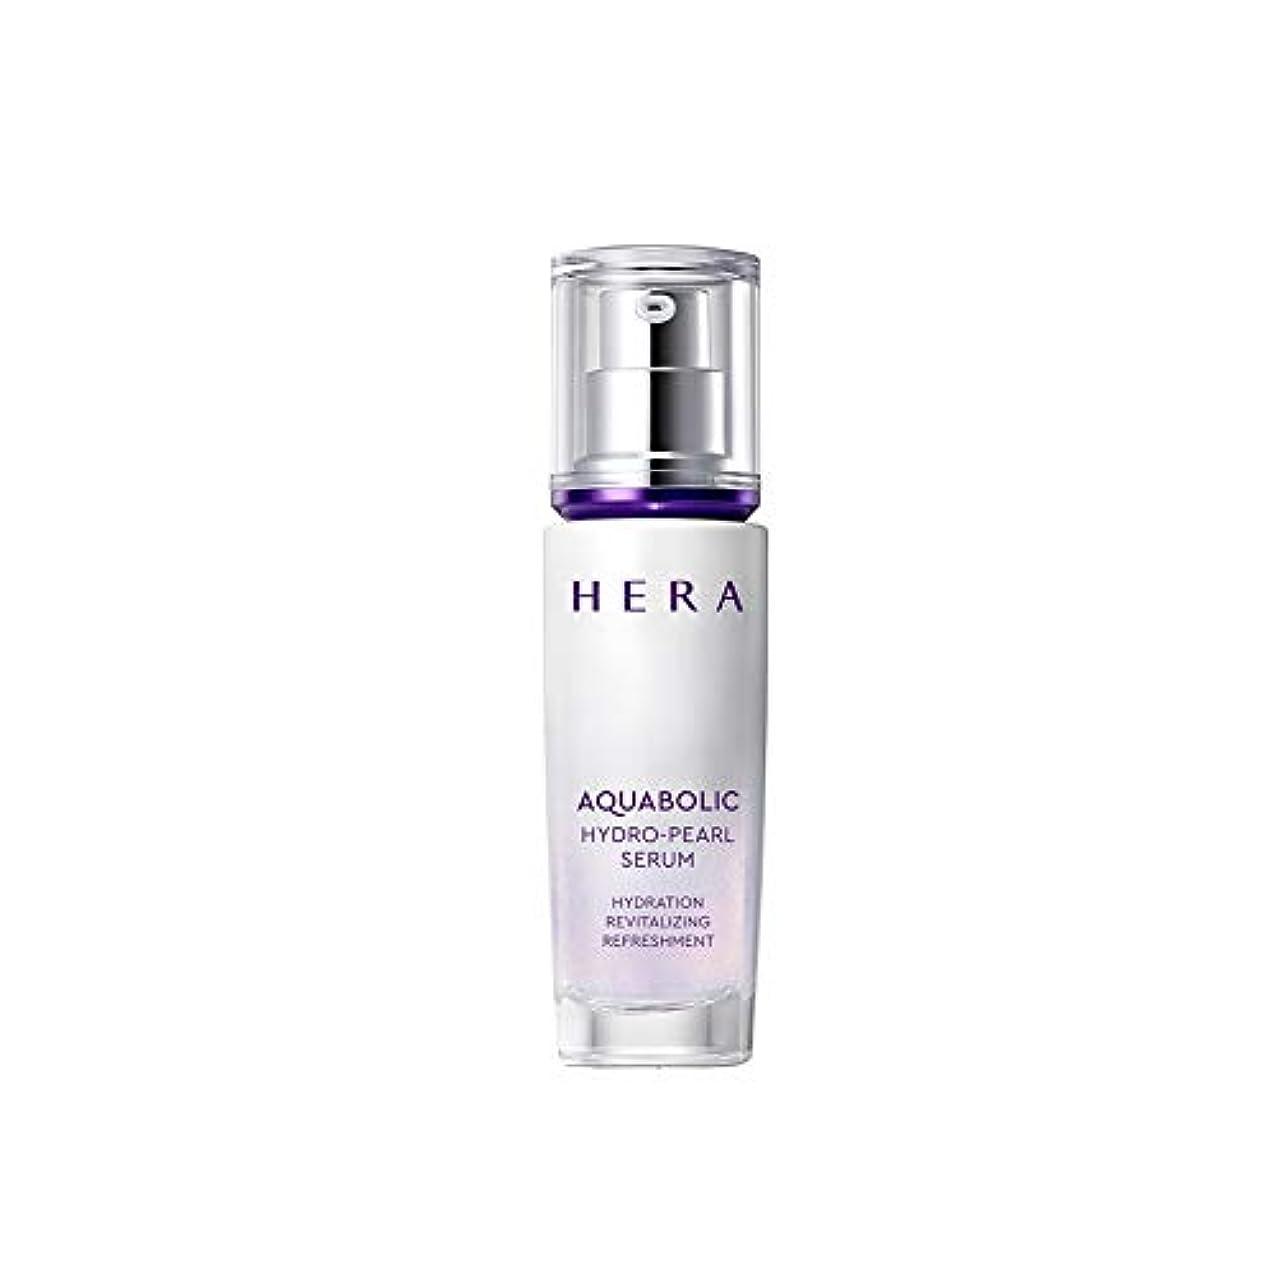 ホバープラカード繁栄する【HERA公式】ヘラ アクアボリック ハイドロ-パール セラム 40mL/HERA Aquabolic Hydro-Pearl Serum 40ml